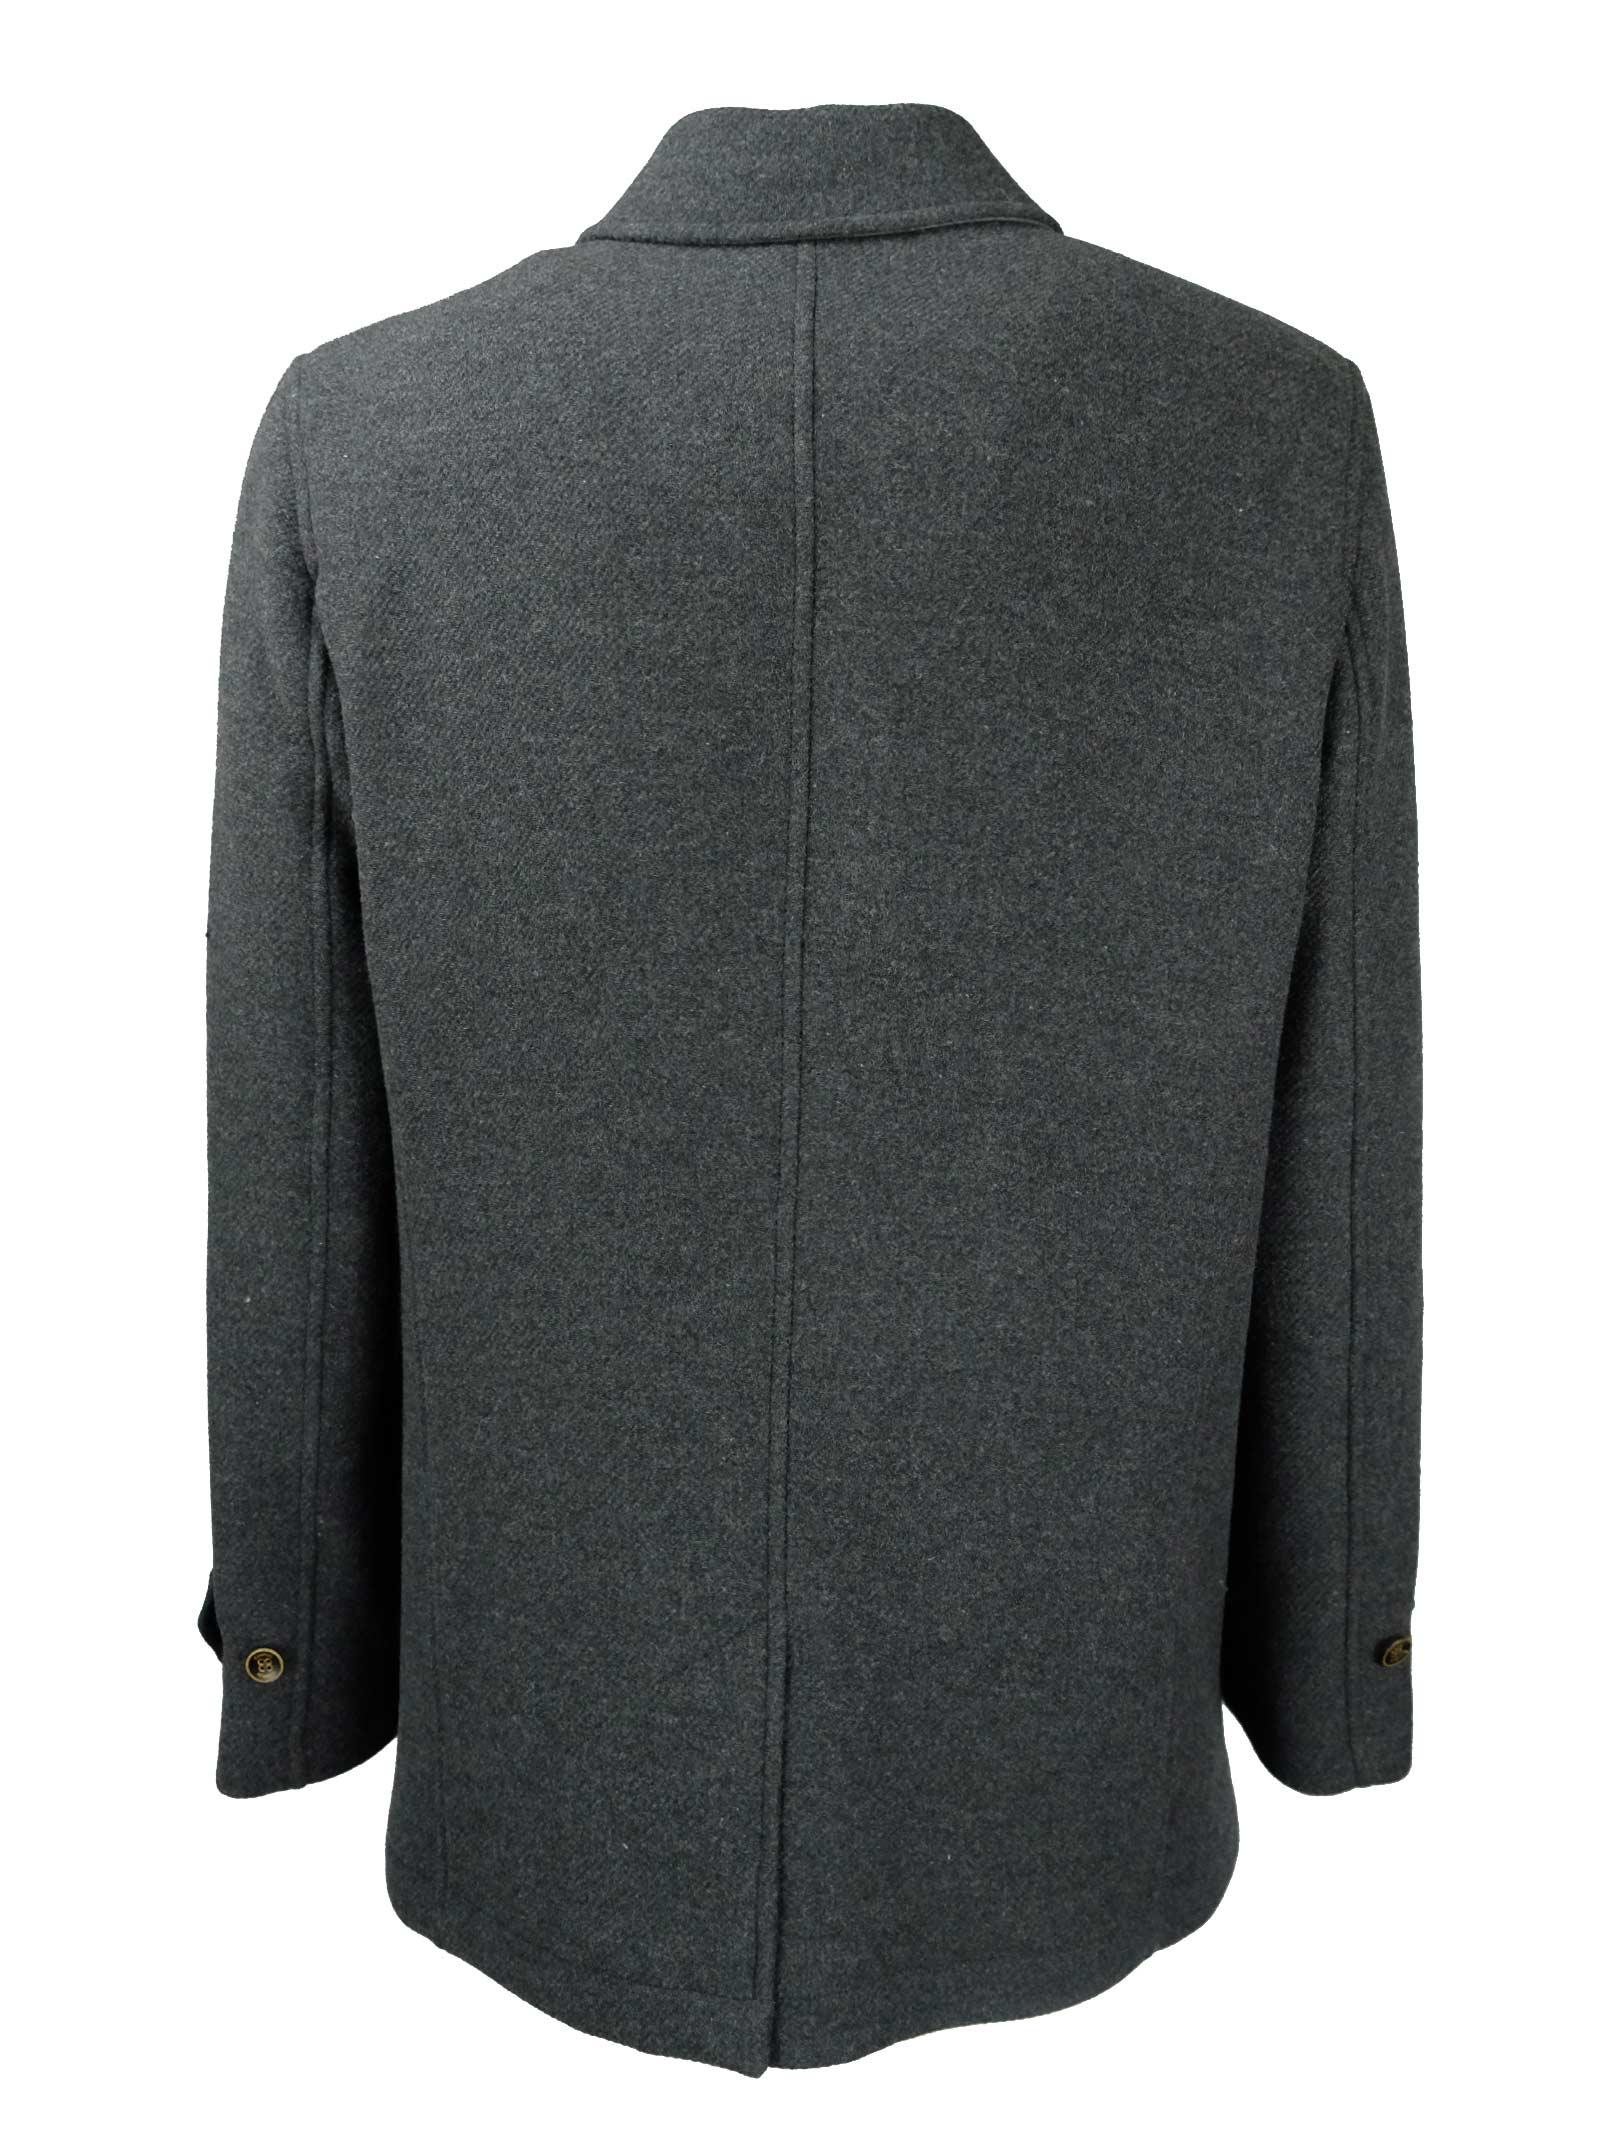 CAMPLIN | Jackets | OVER COAT NORTHGL